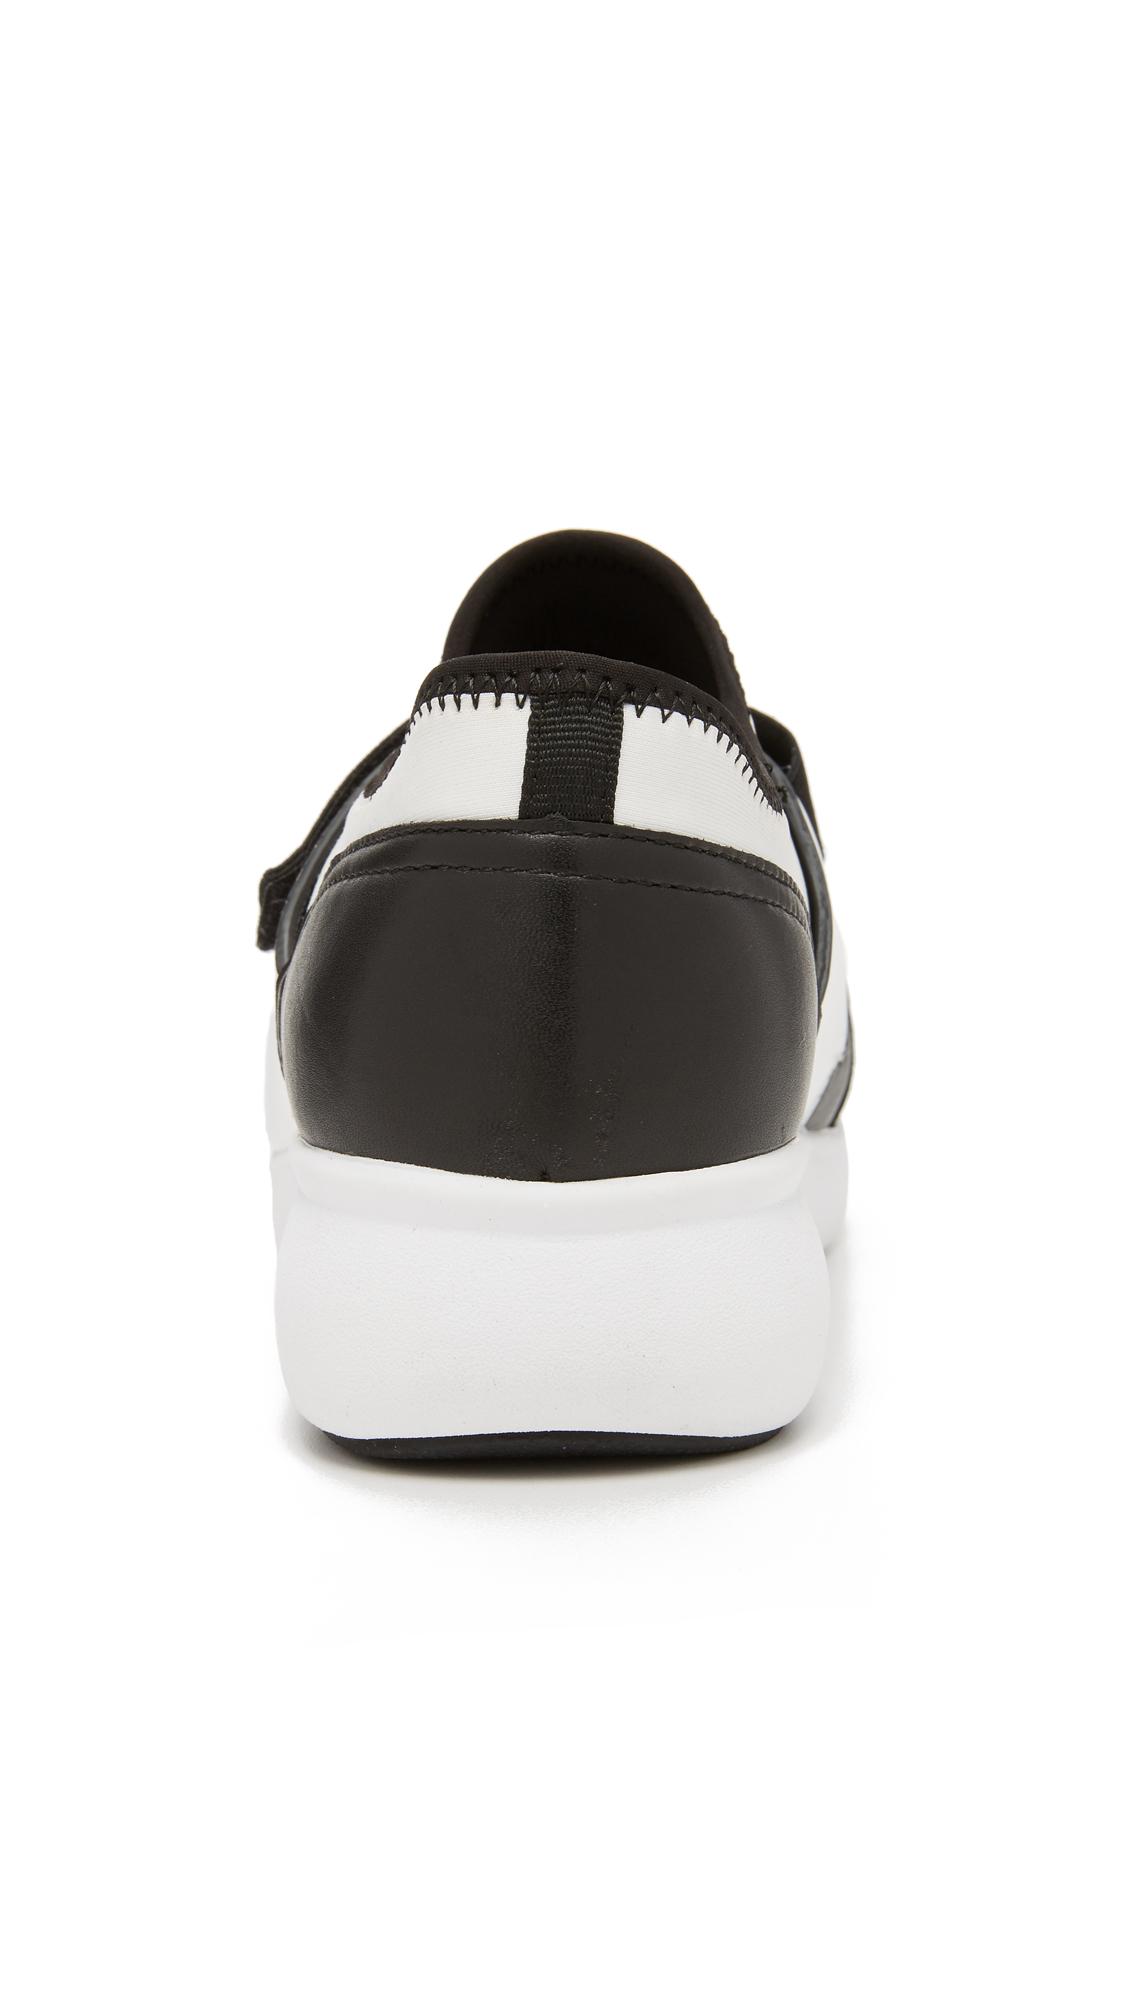 DKNY Neoprene Tilly Runner Sneakers in Black/White (Black)